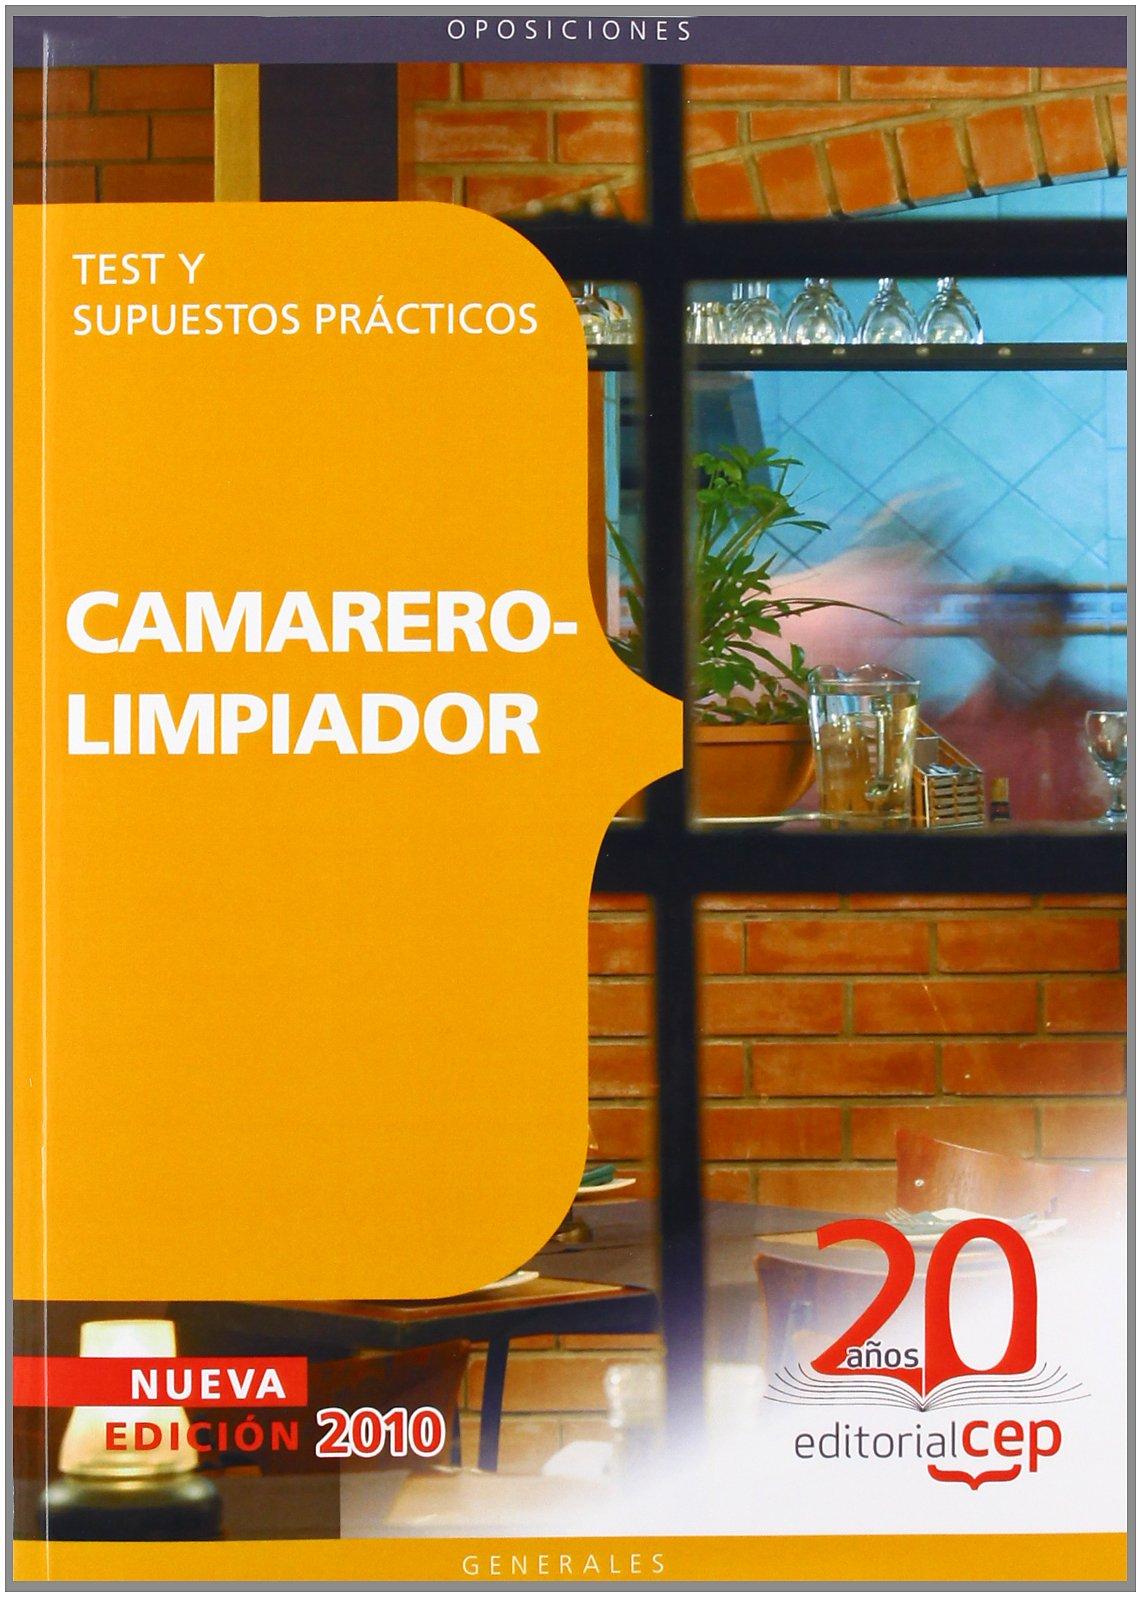 Camarer. Test y supuestos practicos camarero-limpiador (Colección 65)